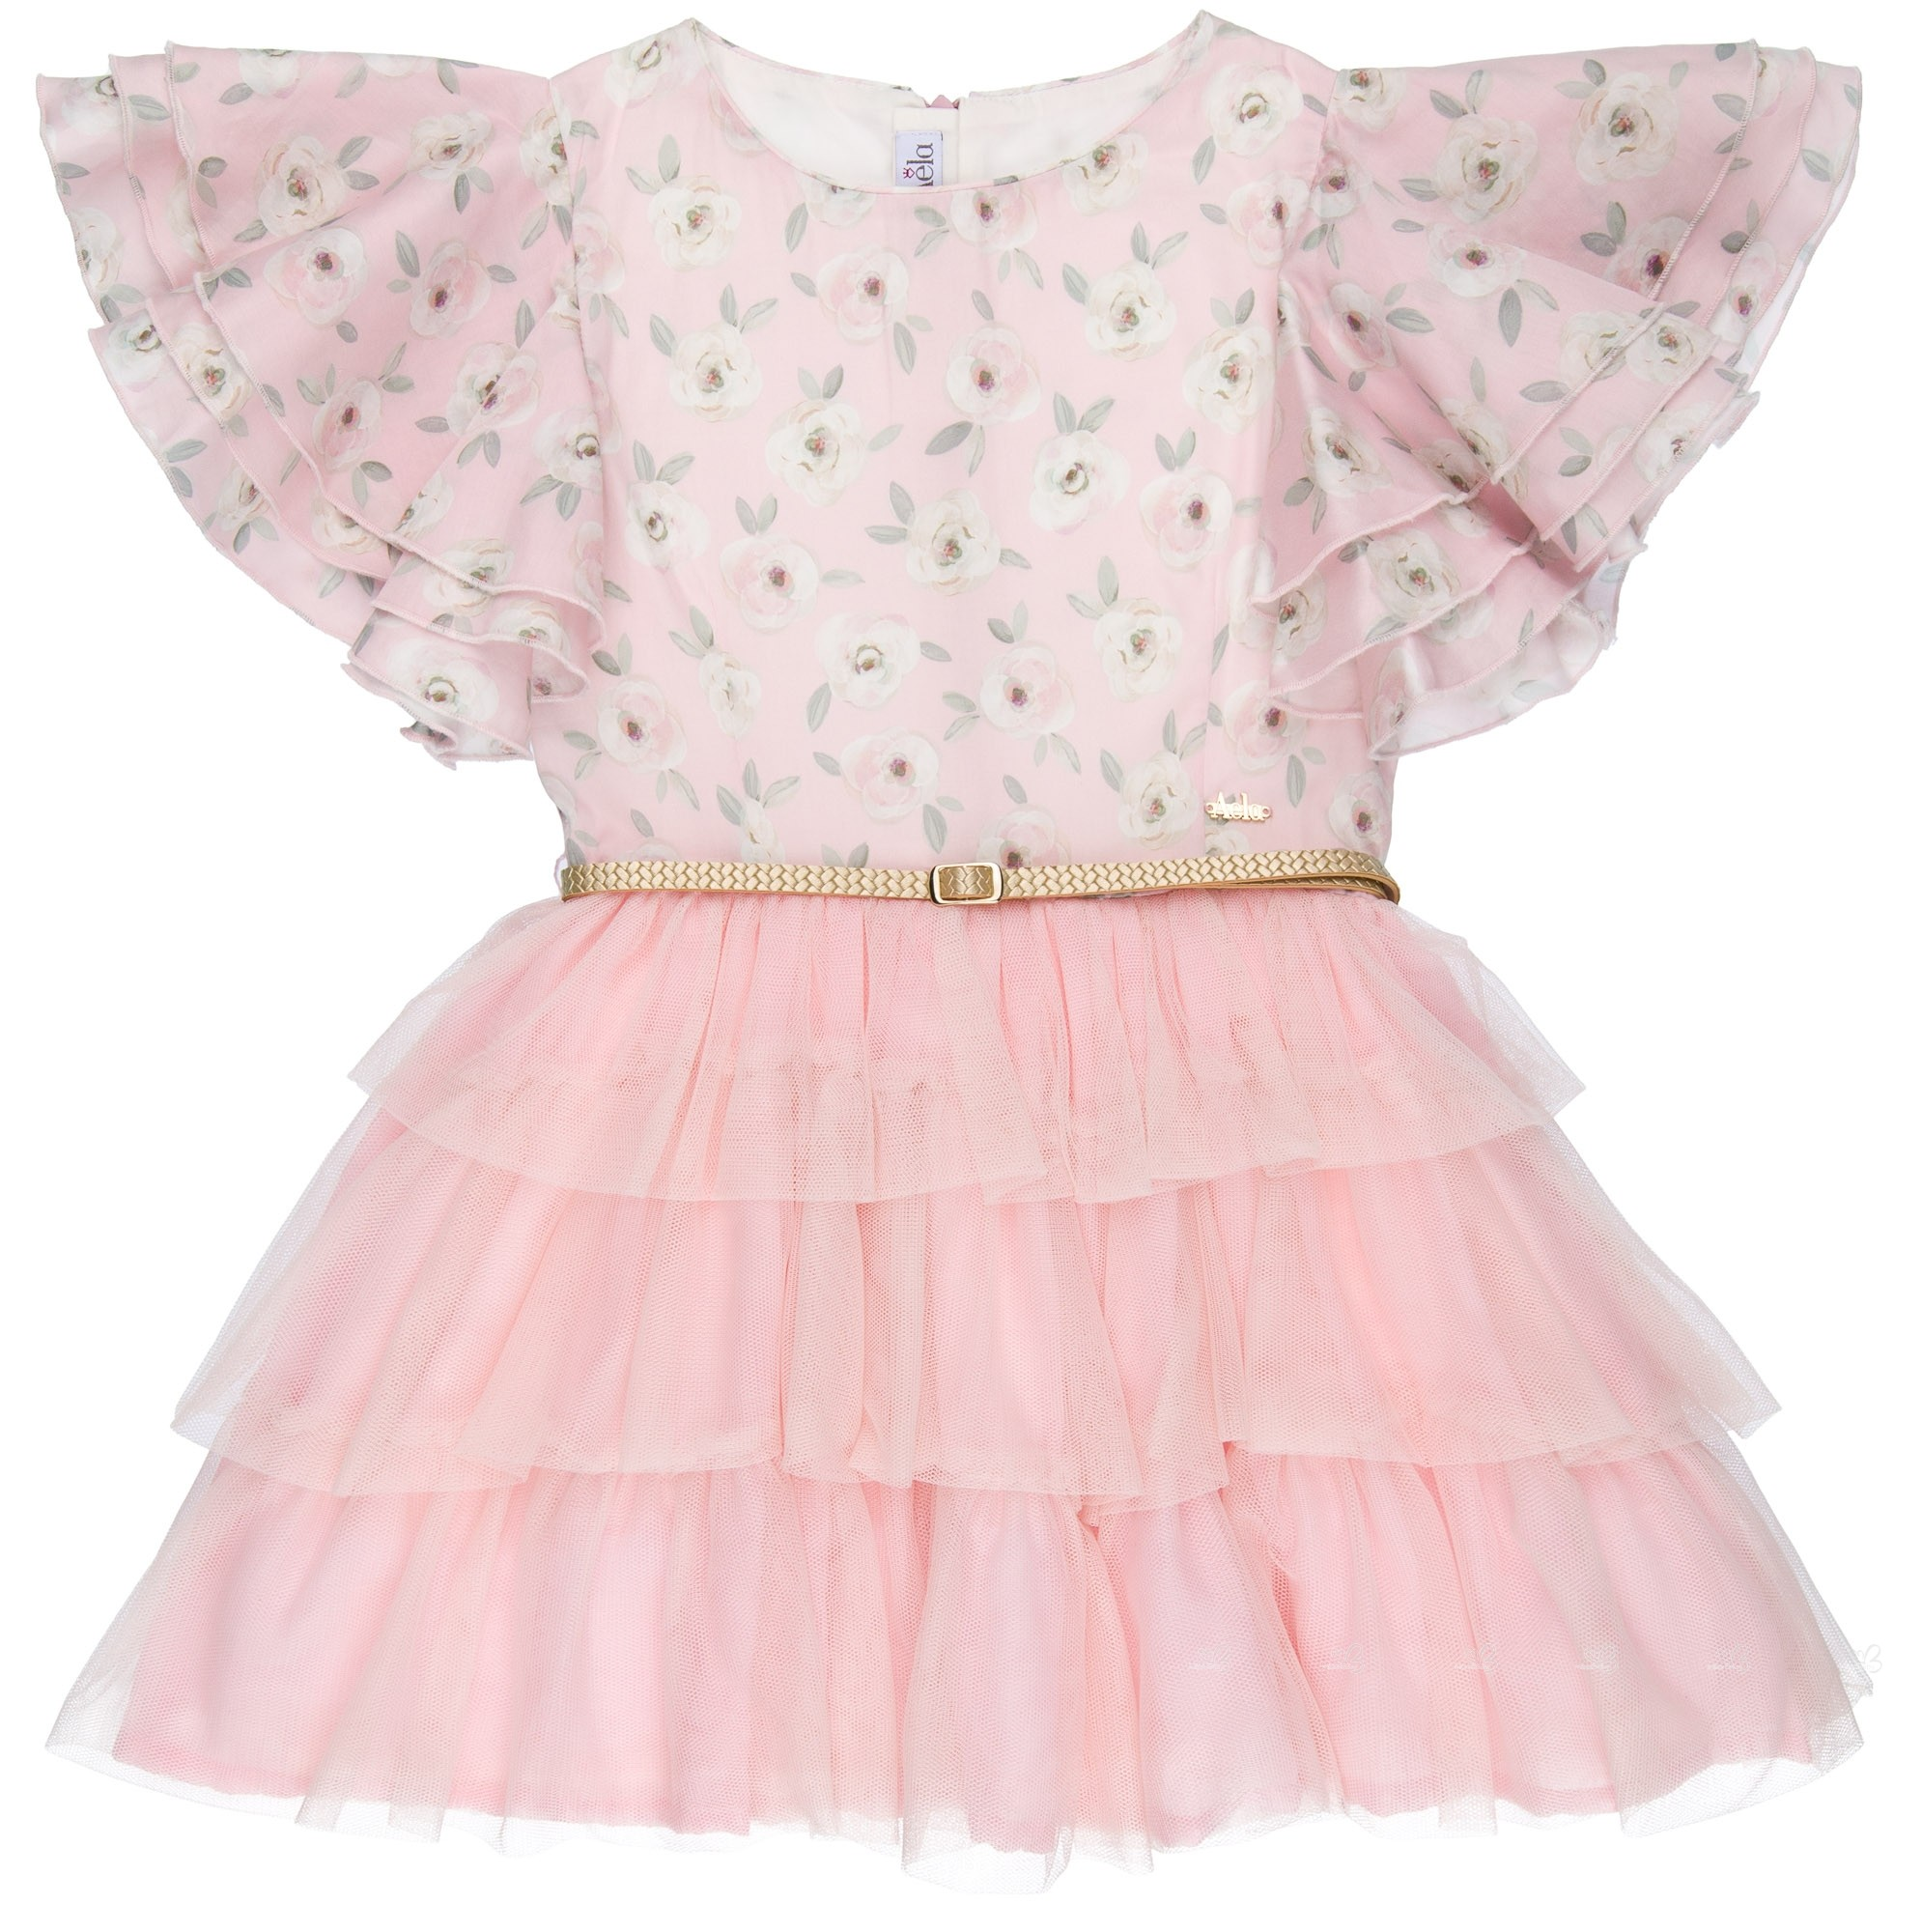 b02889e72 Dolce Petit Vestido Niña Combinado Floral & Falda Volantes Tul Rosa ...